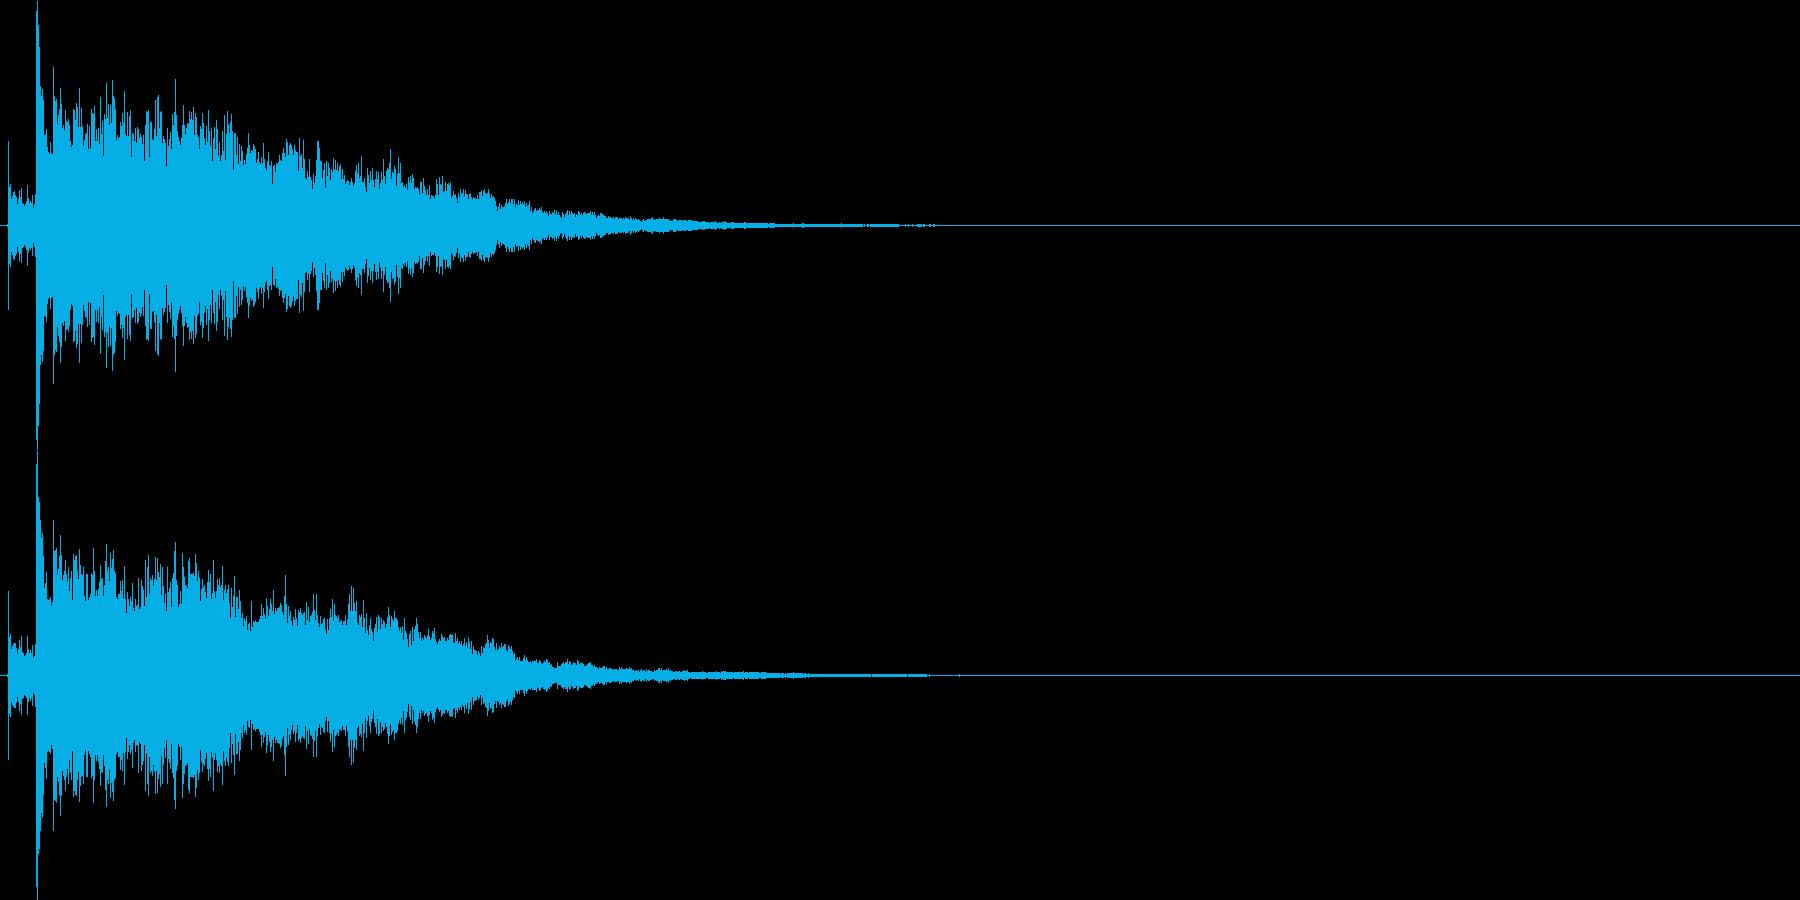 パリン、カシャン(ガラス・鏡が割れる音)の再生済みの波形